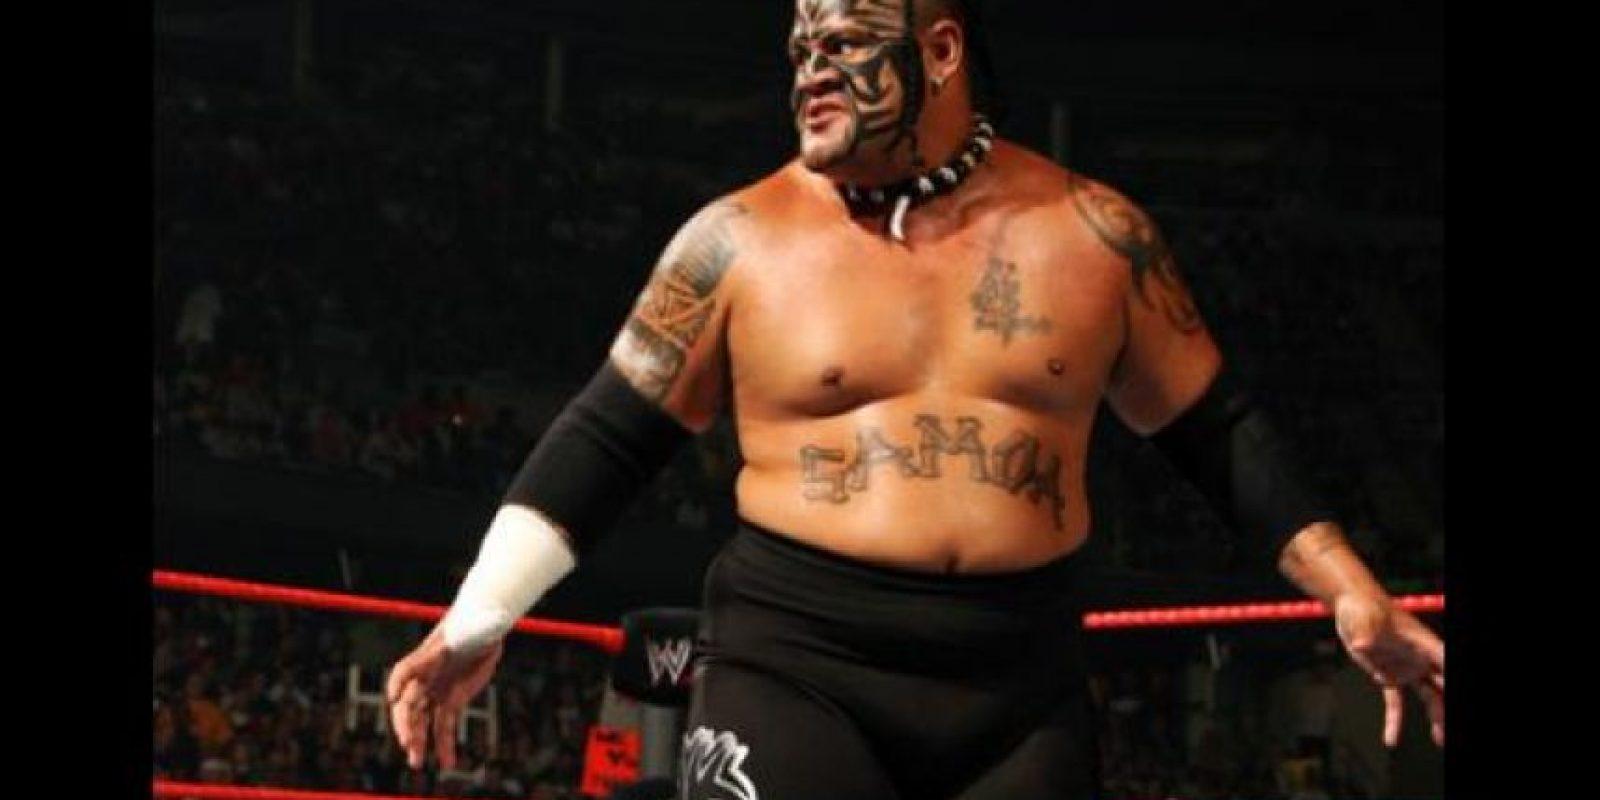 El samoano, dos veces campeón intercontinental, falleció a los 36 años en 2009, por un ataque al corazón Foto:WWE